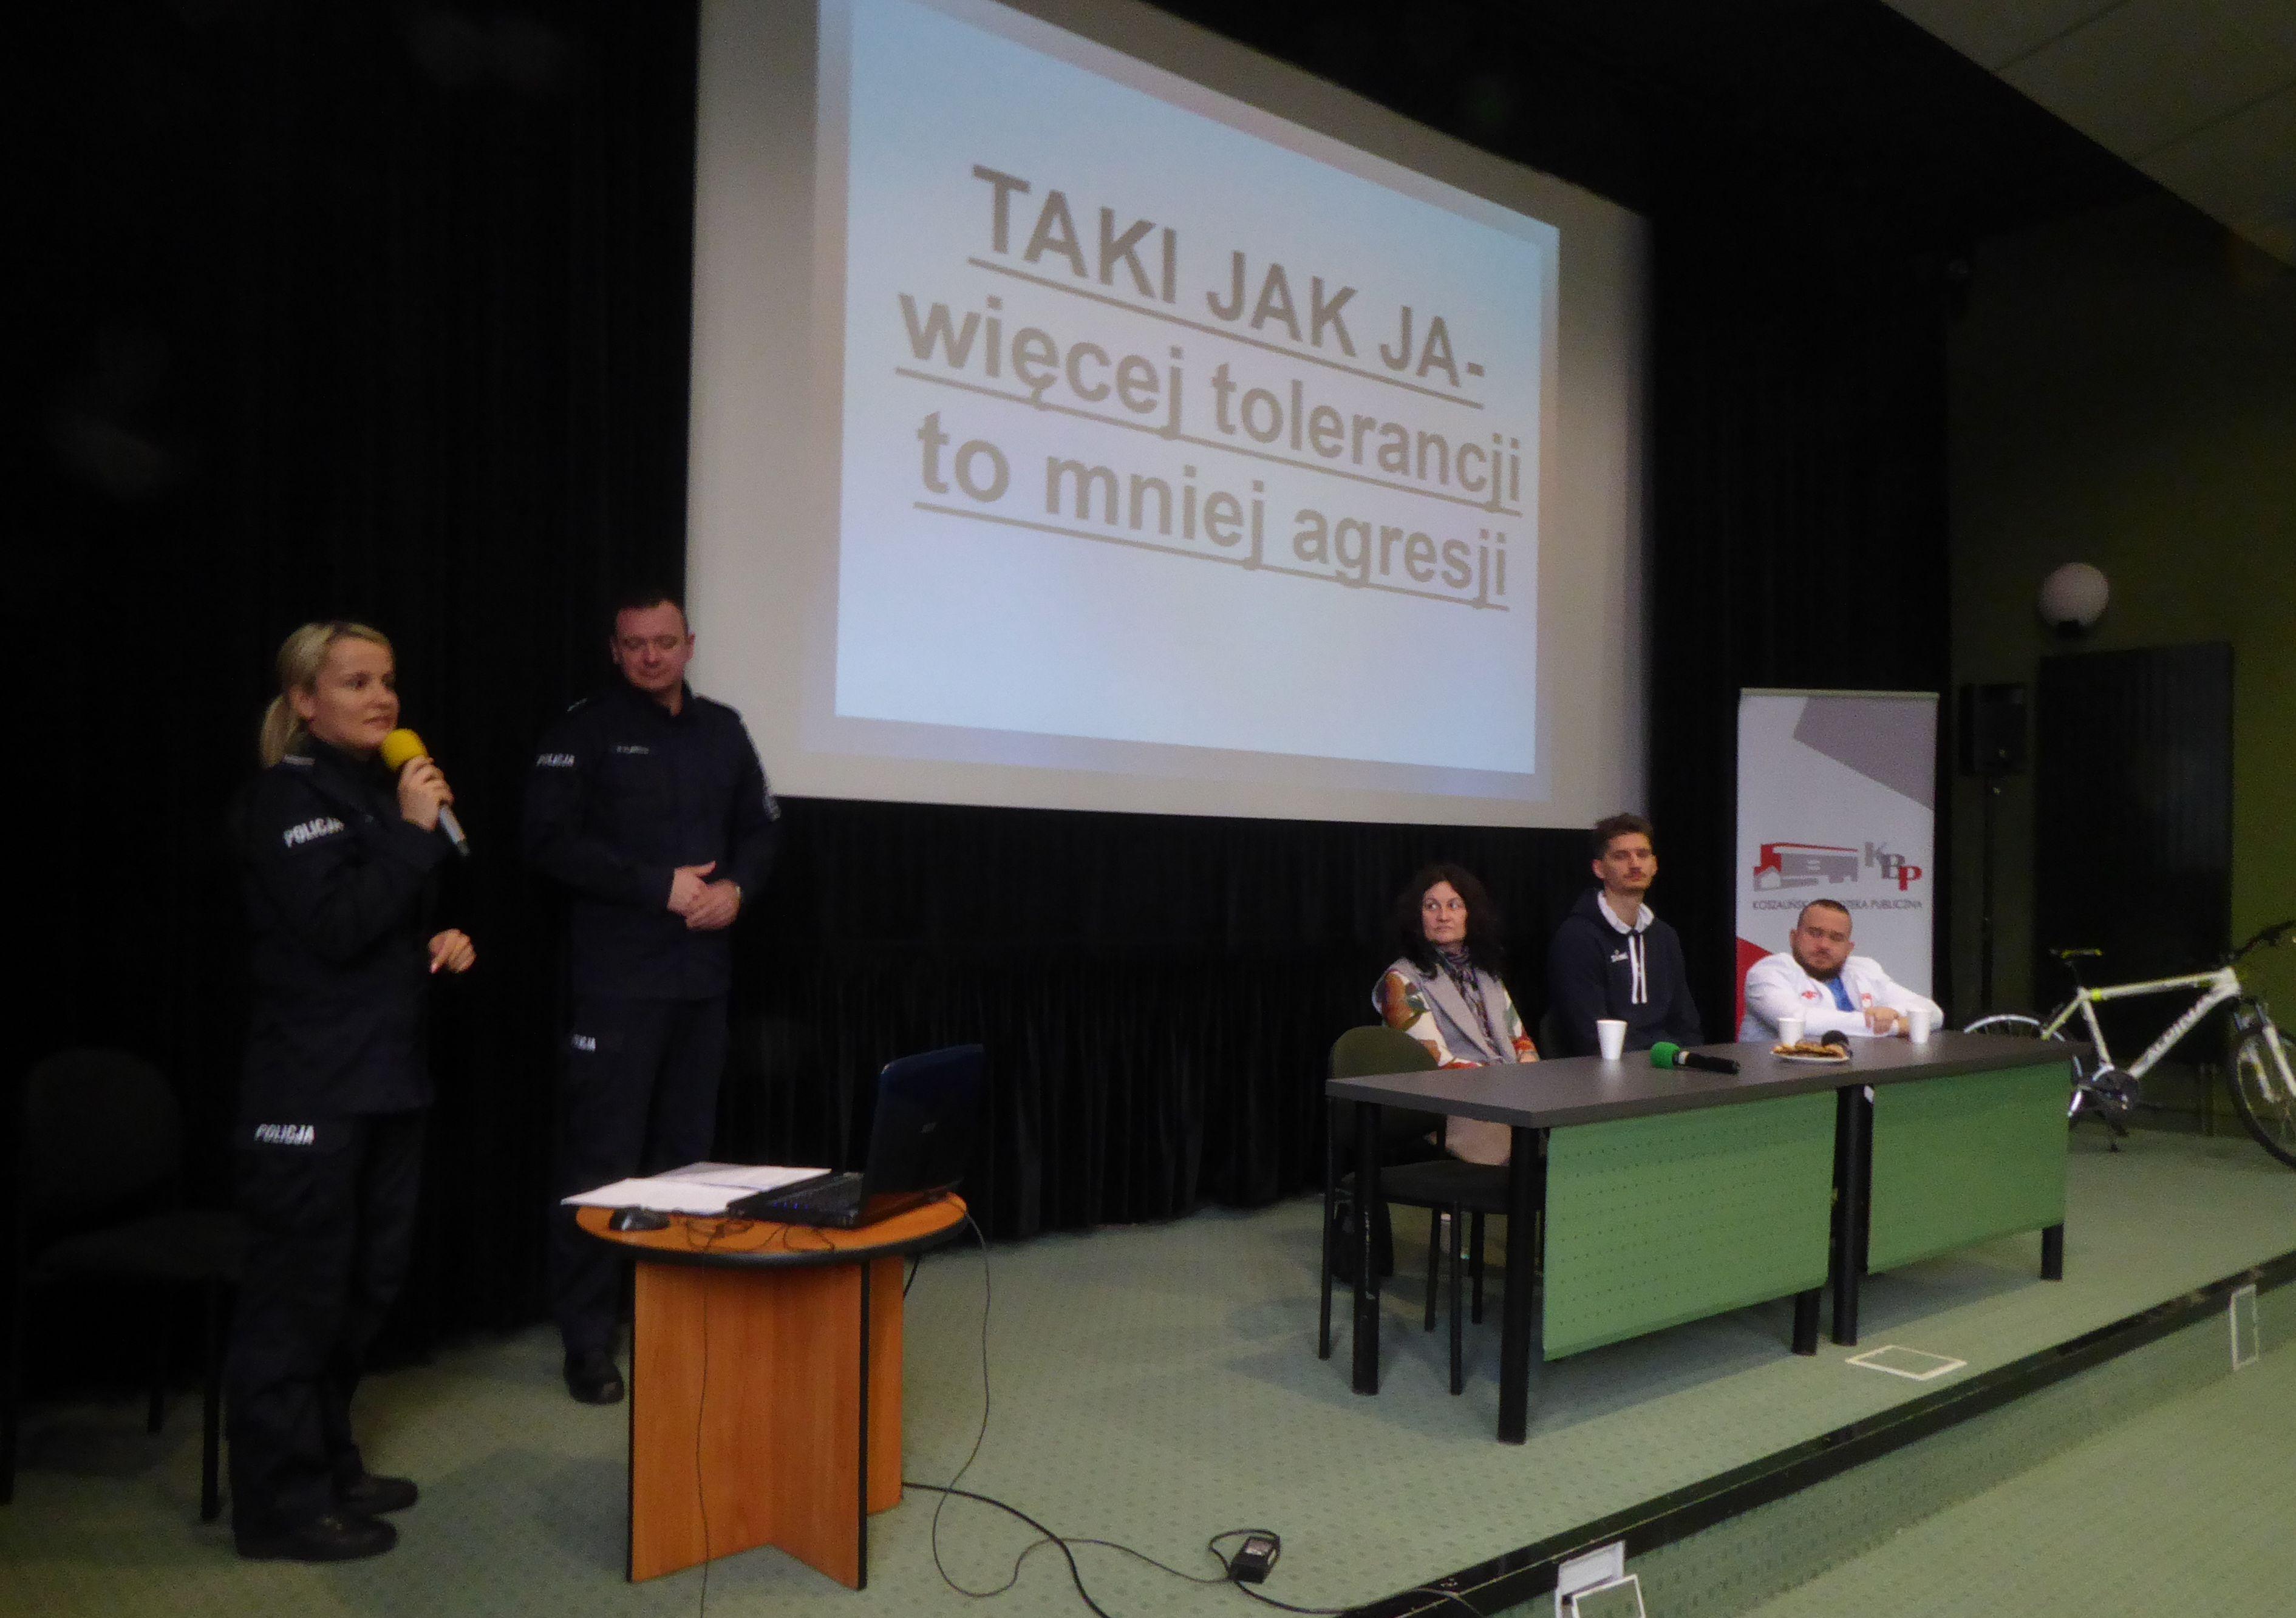 """Program """"TAKI JAK JA- więcej tolerancji to mniej agresji"""" jest kampanią profilaktyczną mająca na celu ograniczenie zachowań agresywnych spowodowanych brakiem tolerancji (fot.koszalin.policja.gov.pl)"""